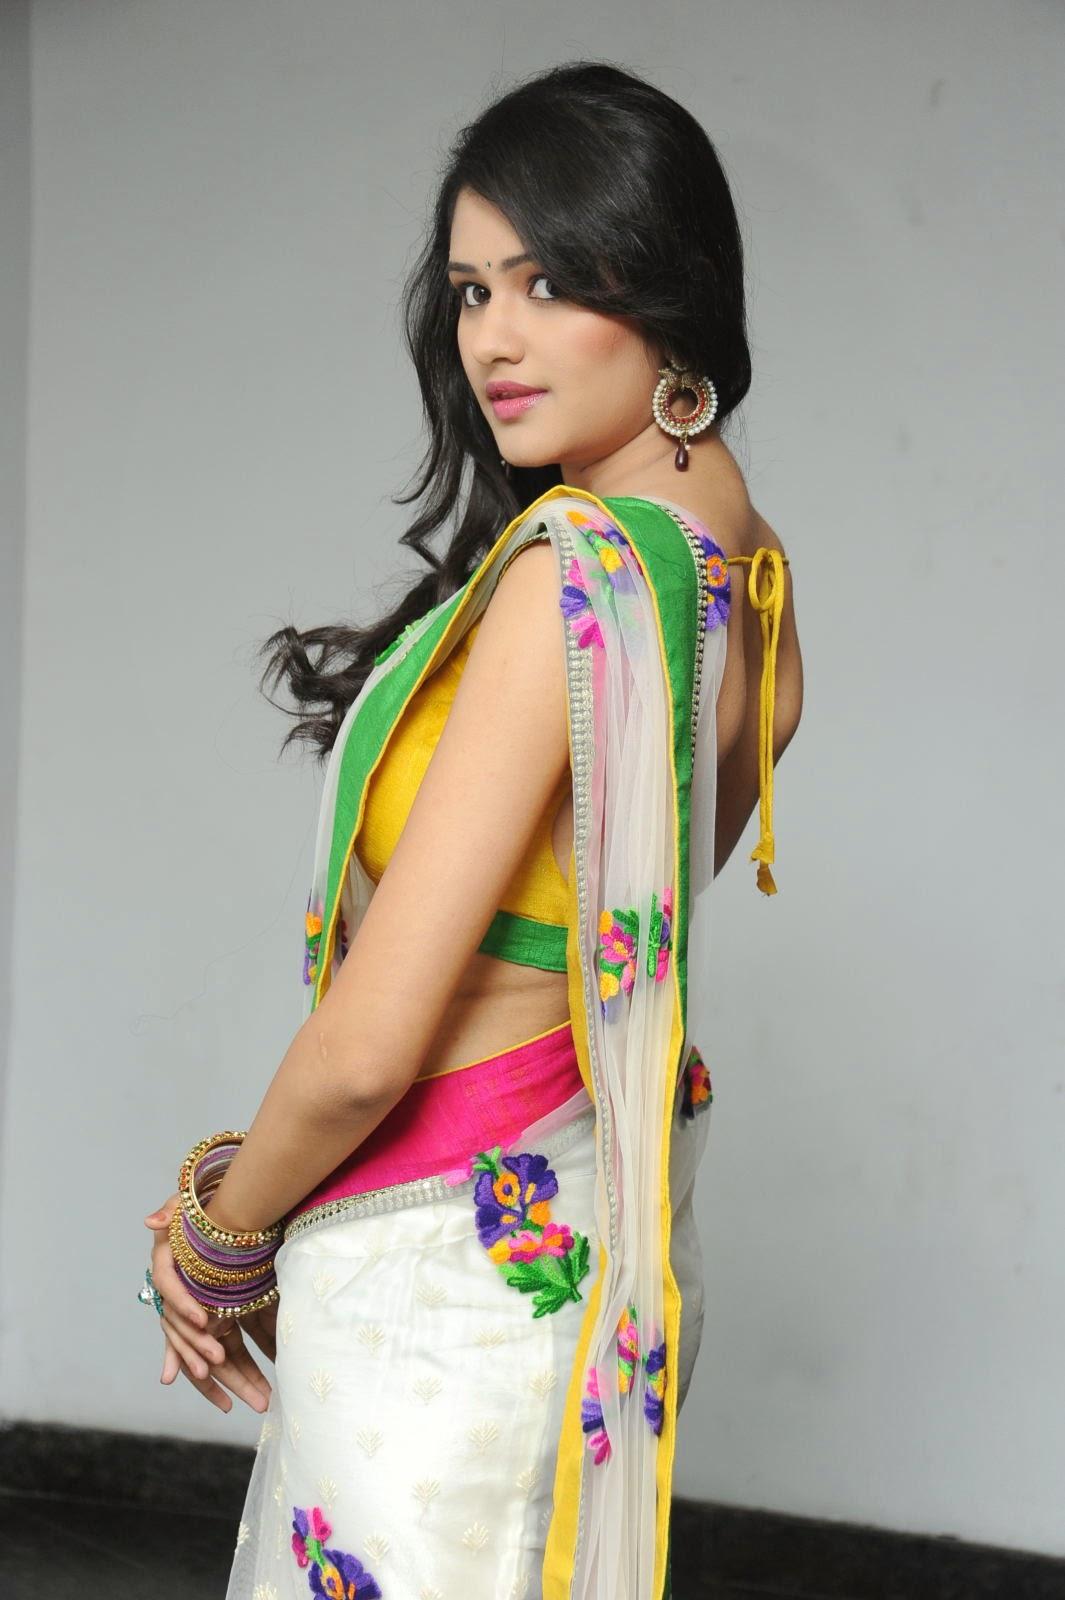 Kushi glamorous saree photos-HQ-Photo-16